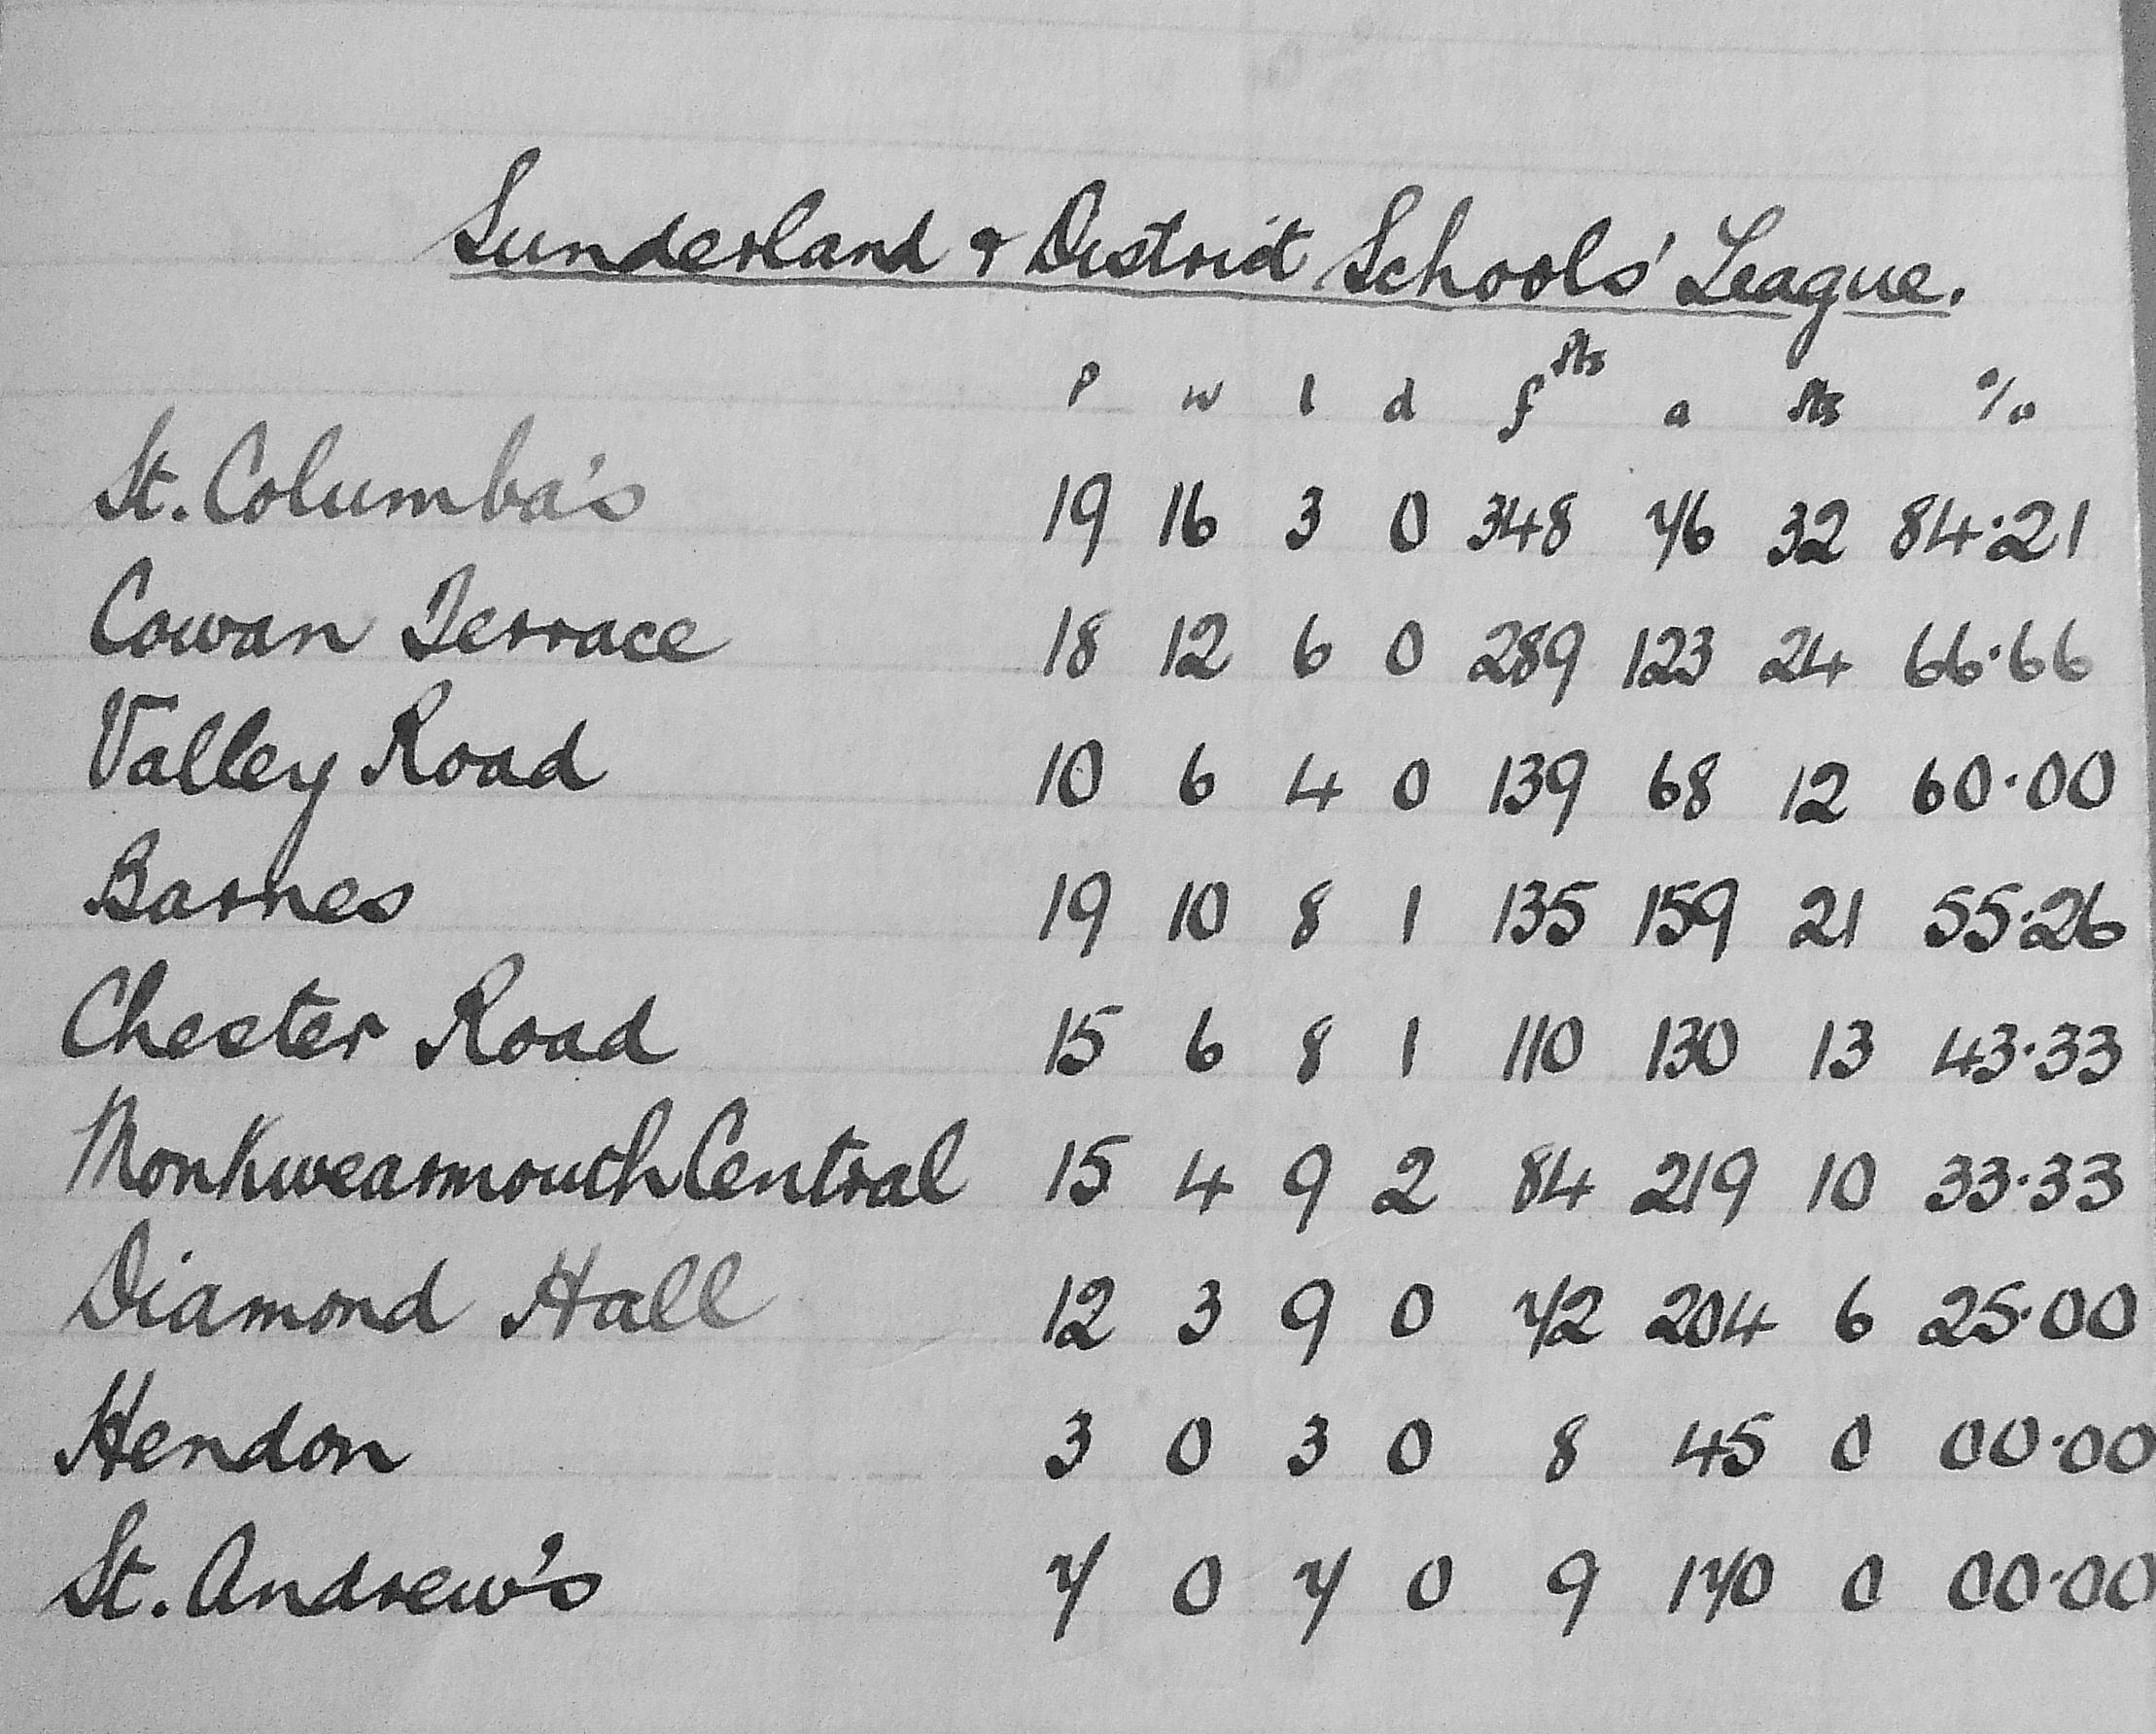 Sunderland & District Schools' League